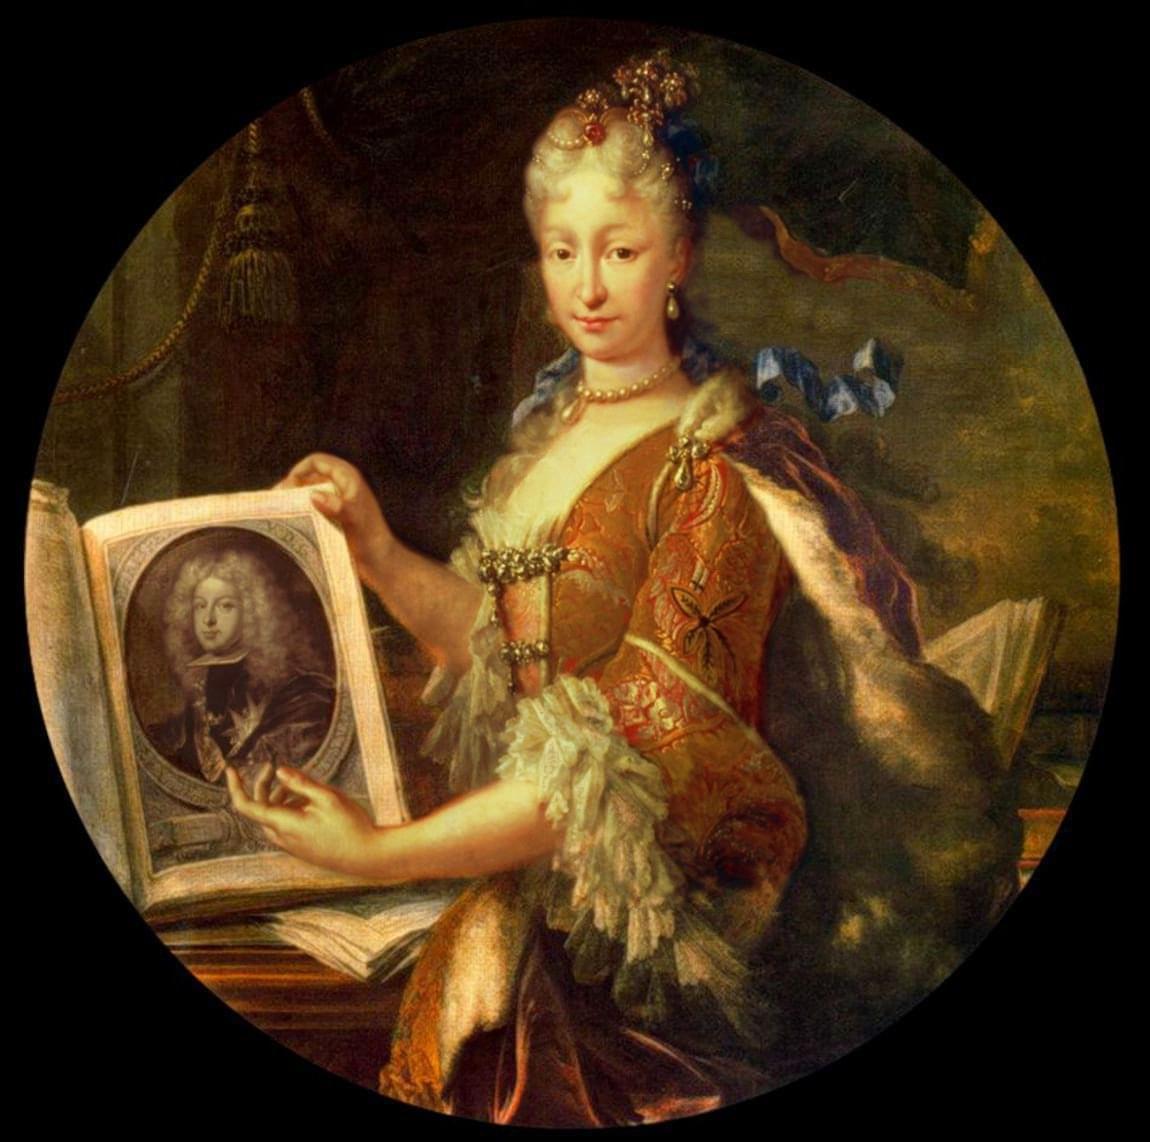 Luis Meléndez, Elisabetta Farnese, moglie del Re di Spagna Filippo V, 1715